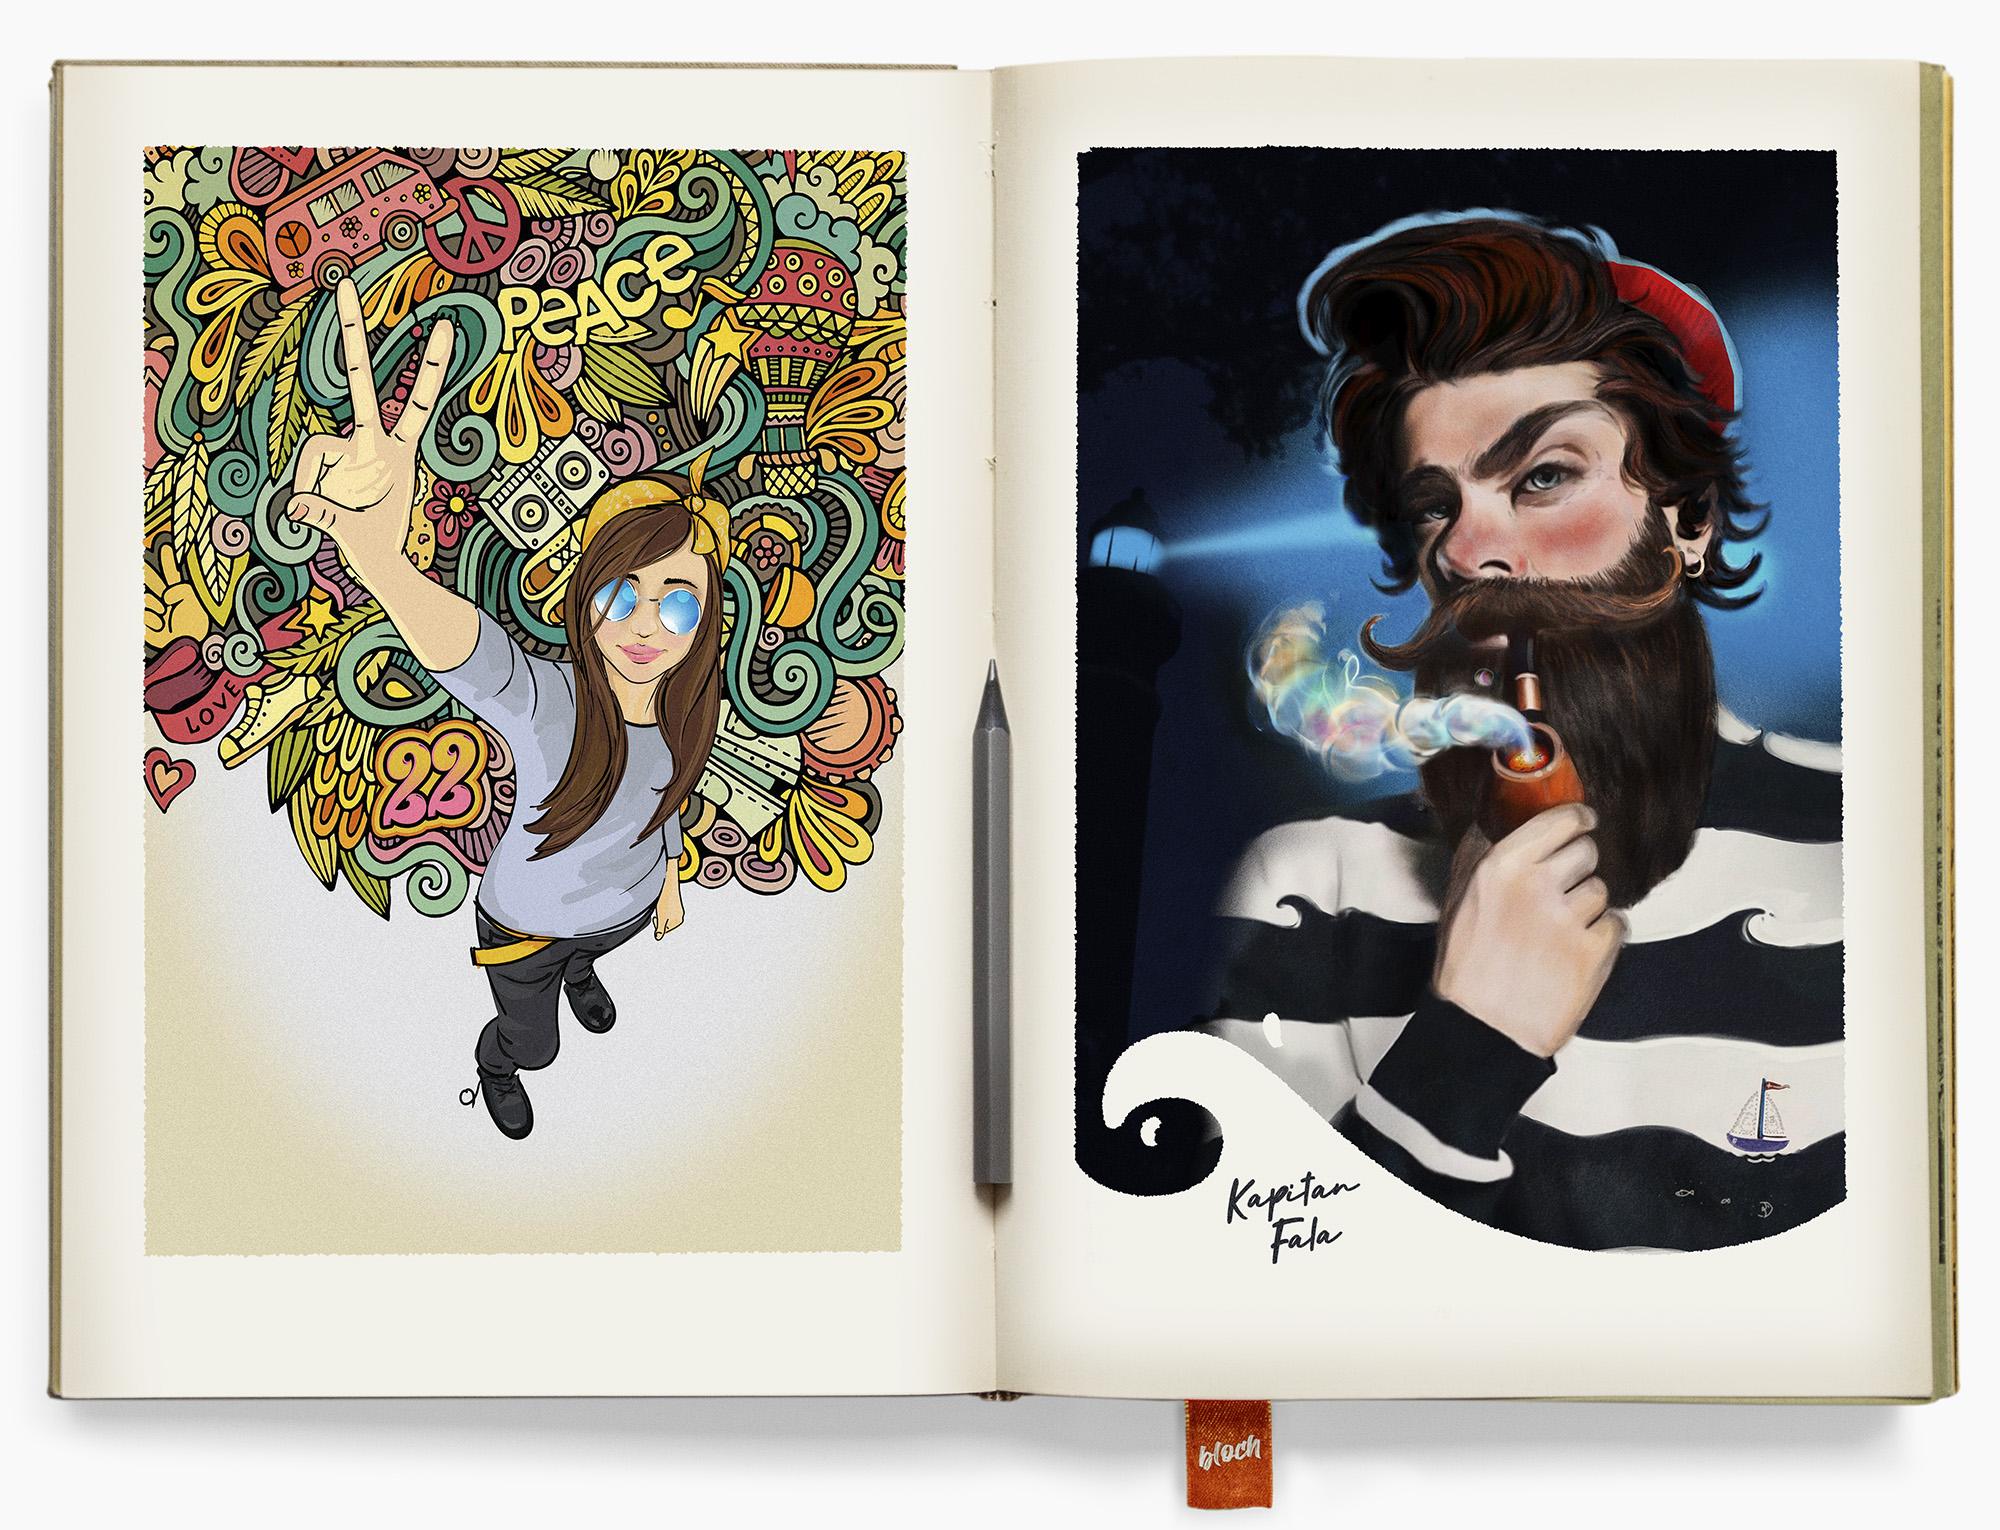 rysunki ilustracje komiks storyboard design digital draw